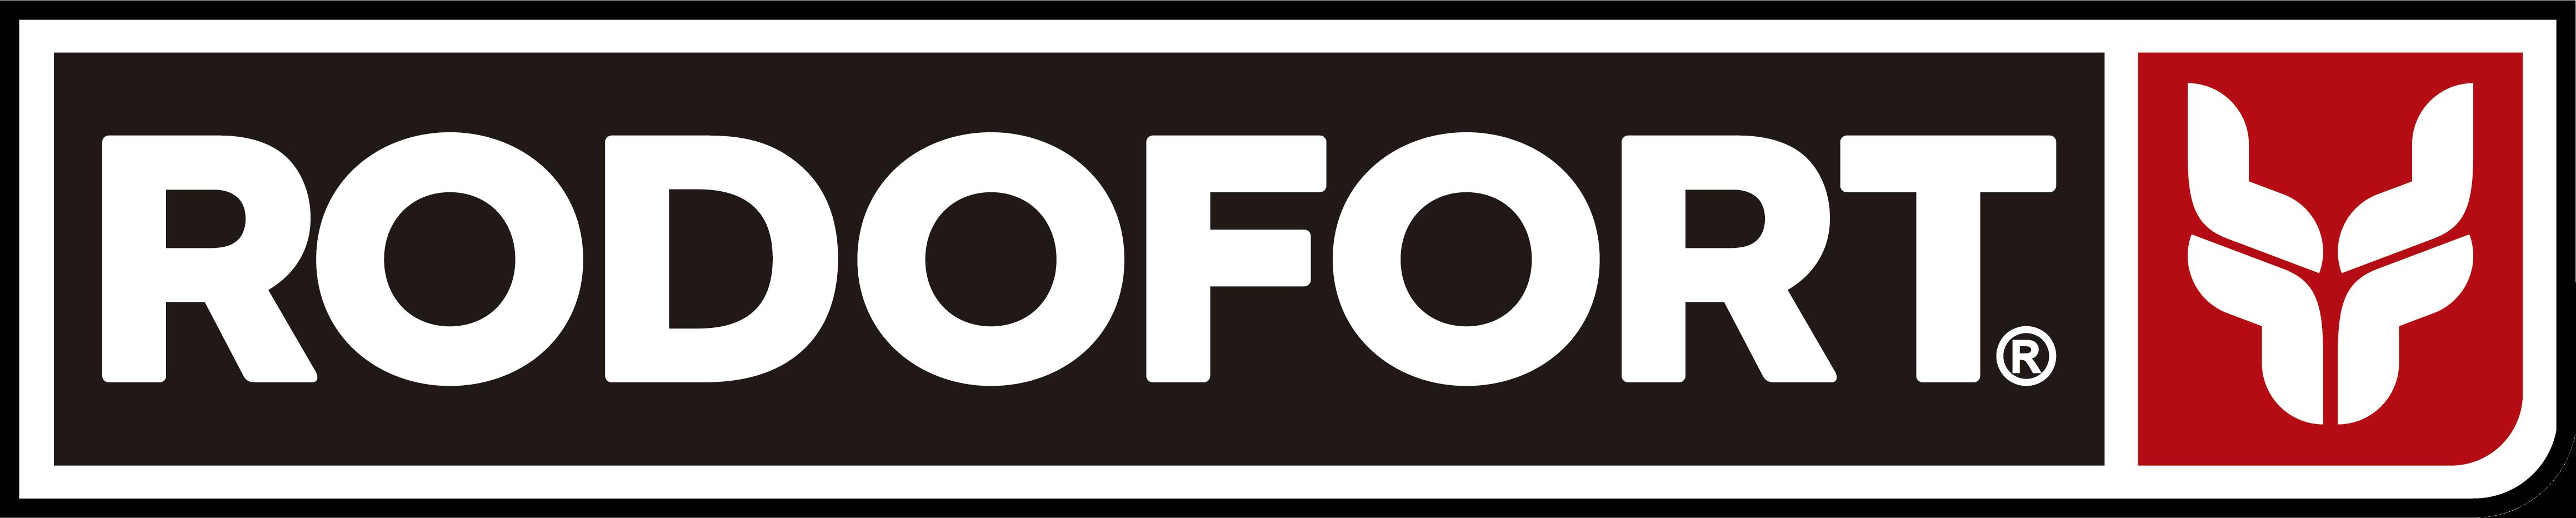 Rodofort